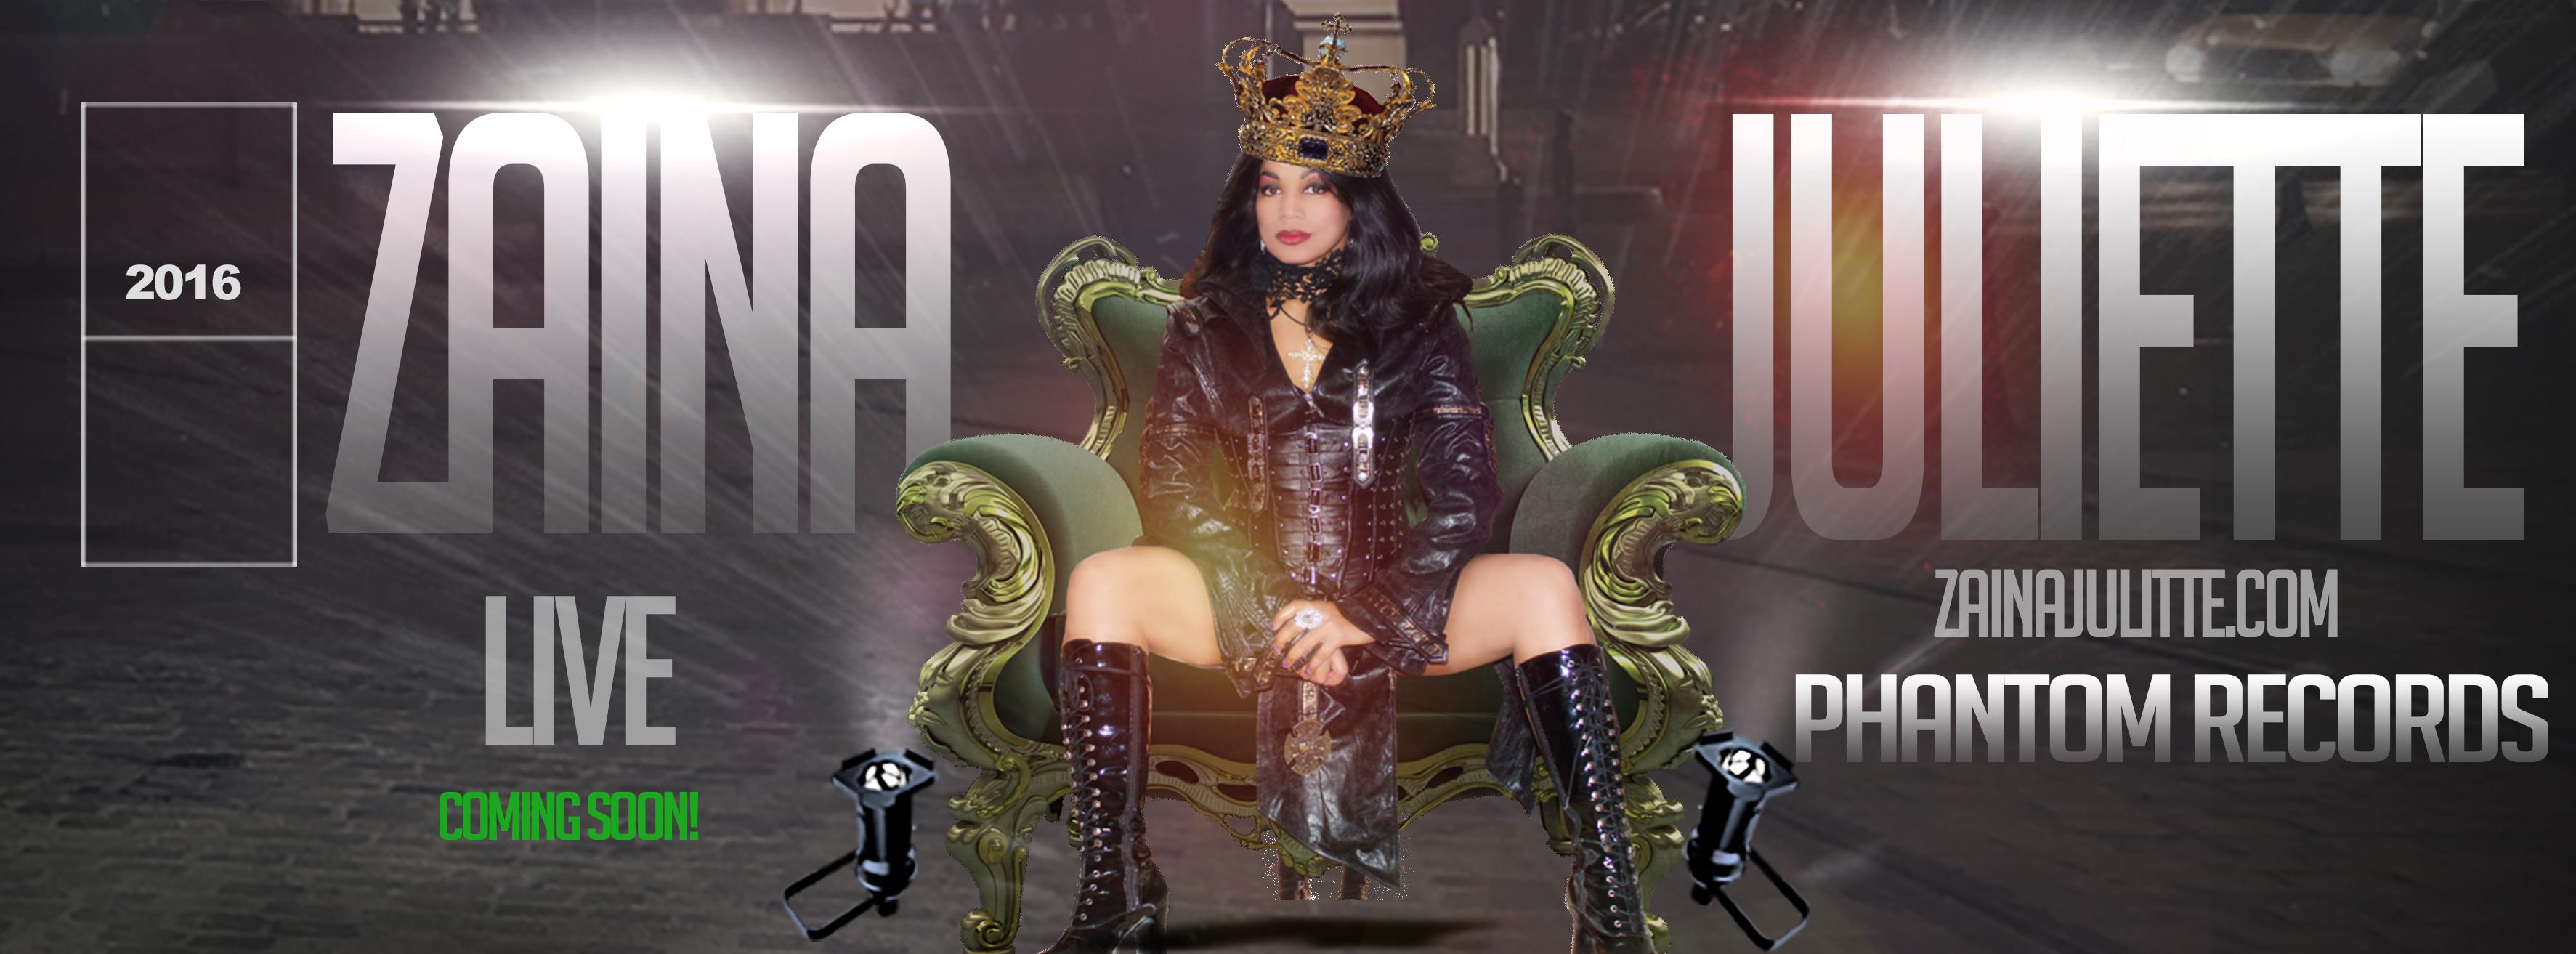 Flyer 1 throne Phantom